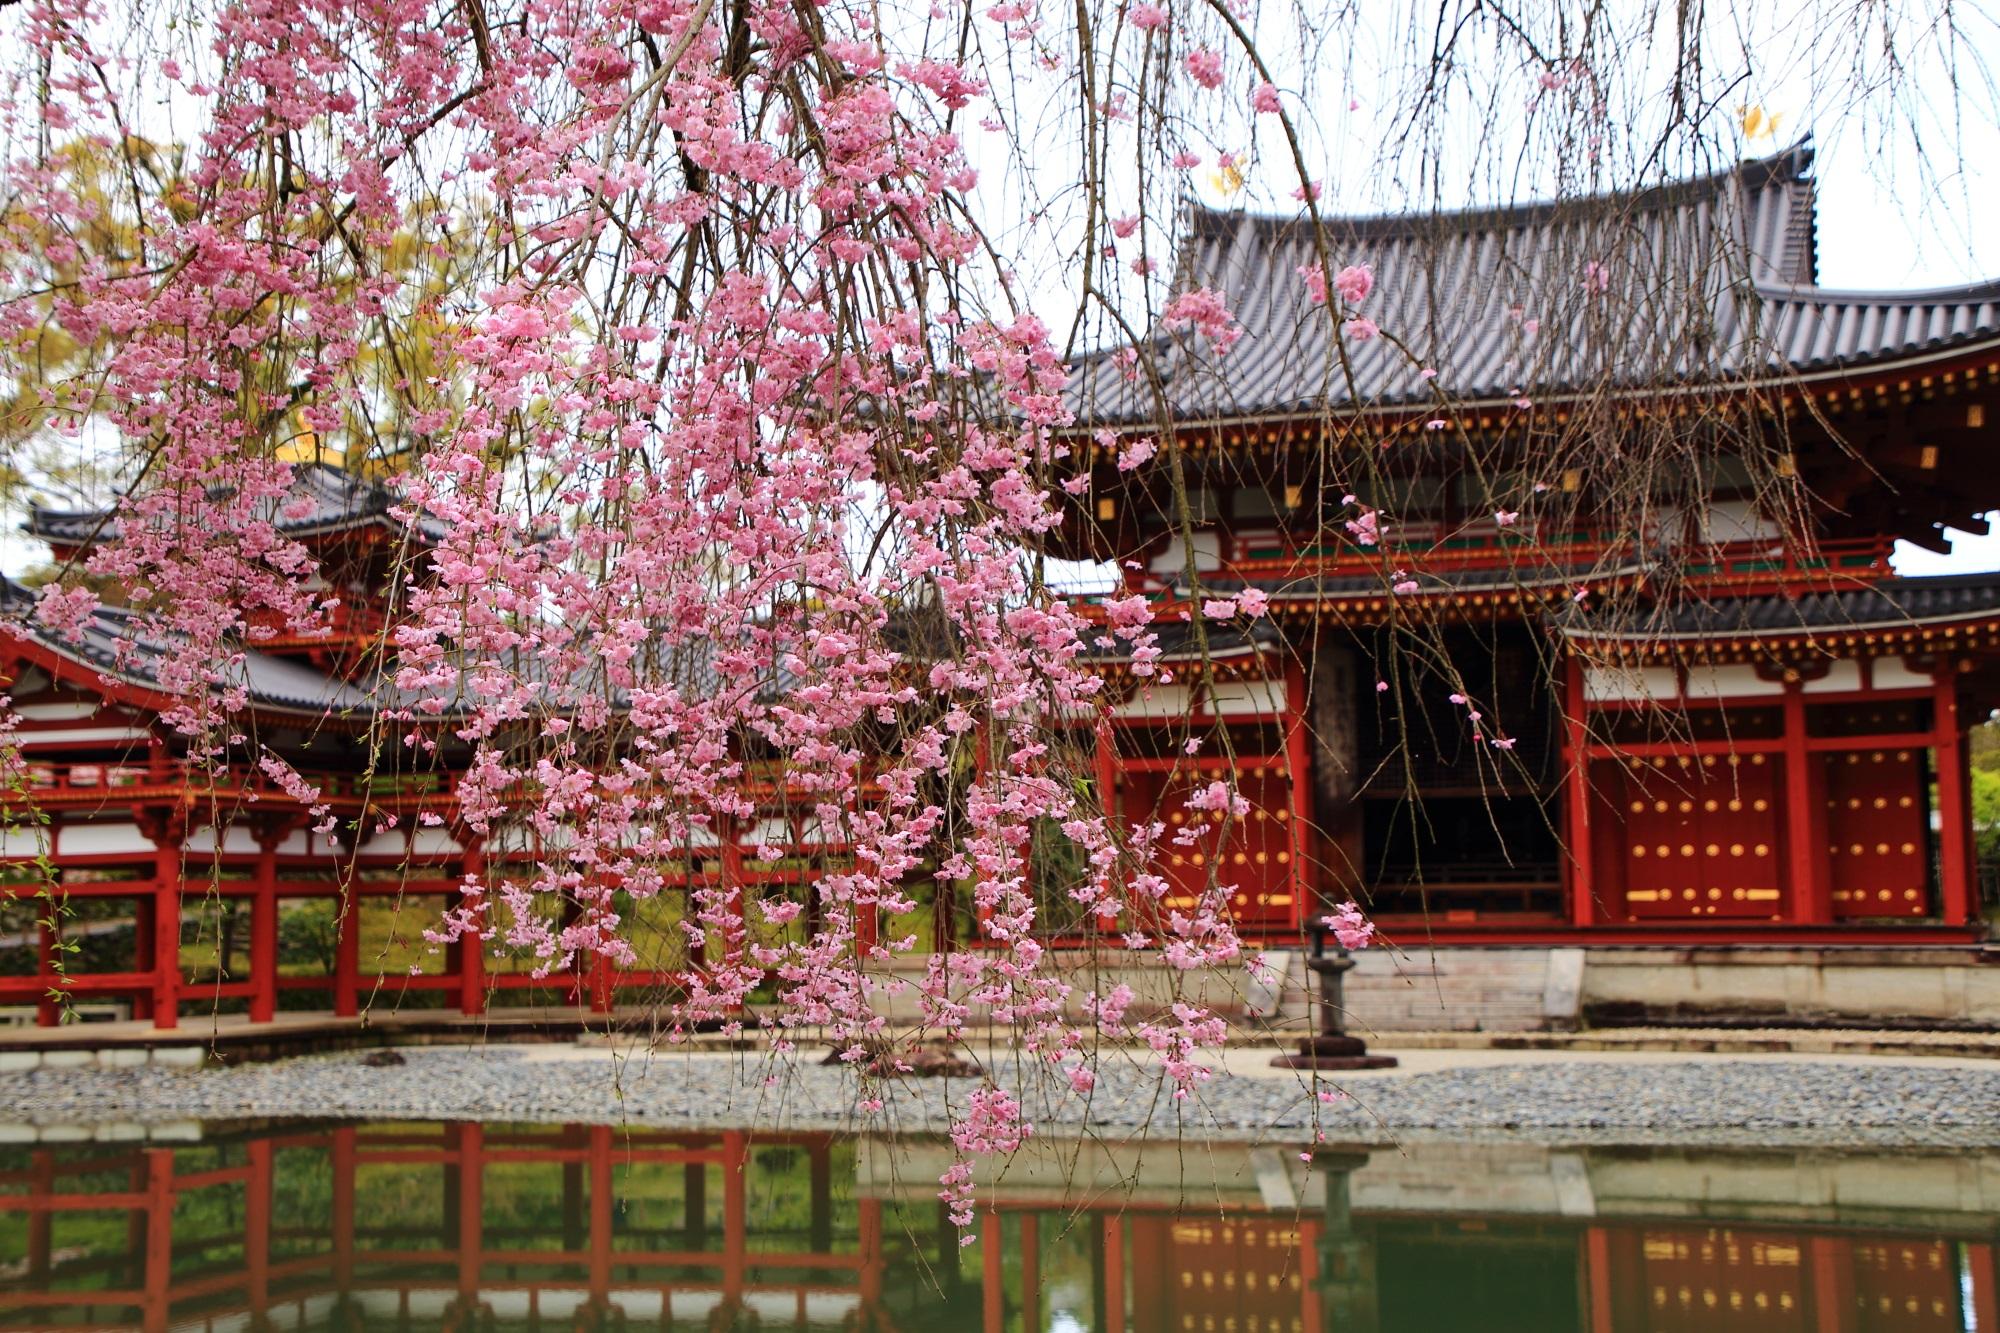 鳳凰堂としだれ桜の絵になる春の風景